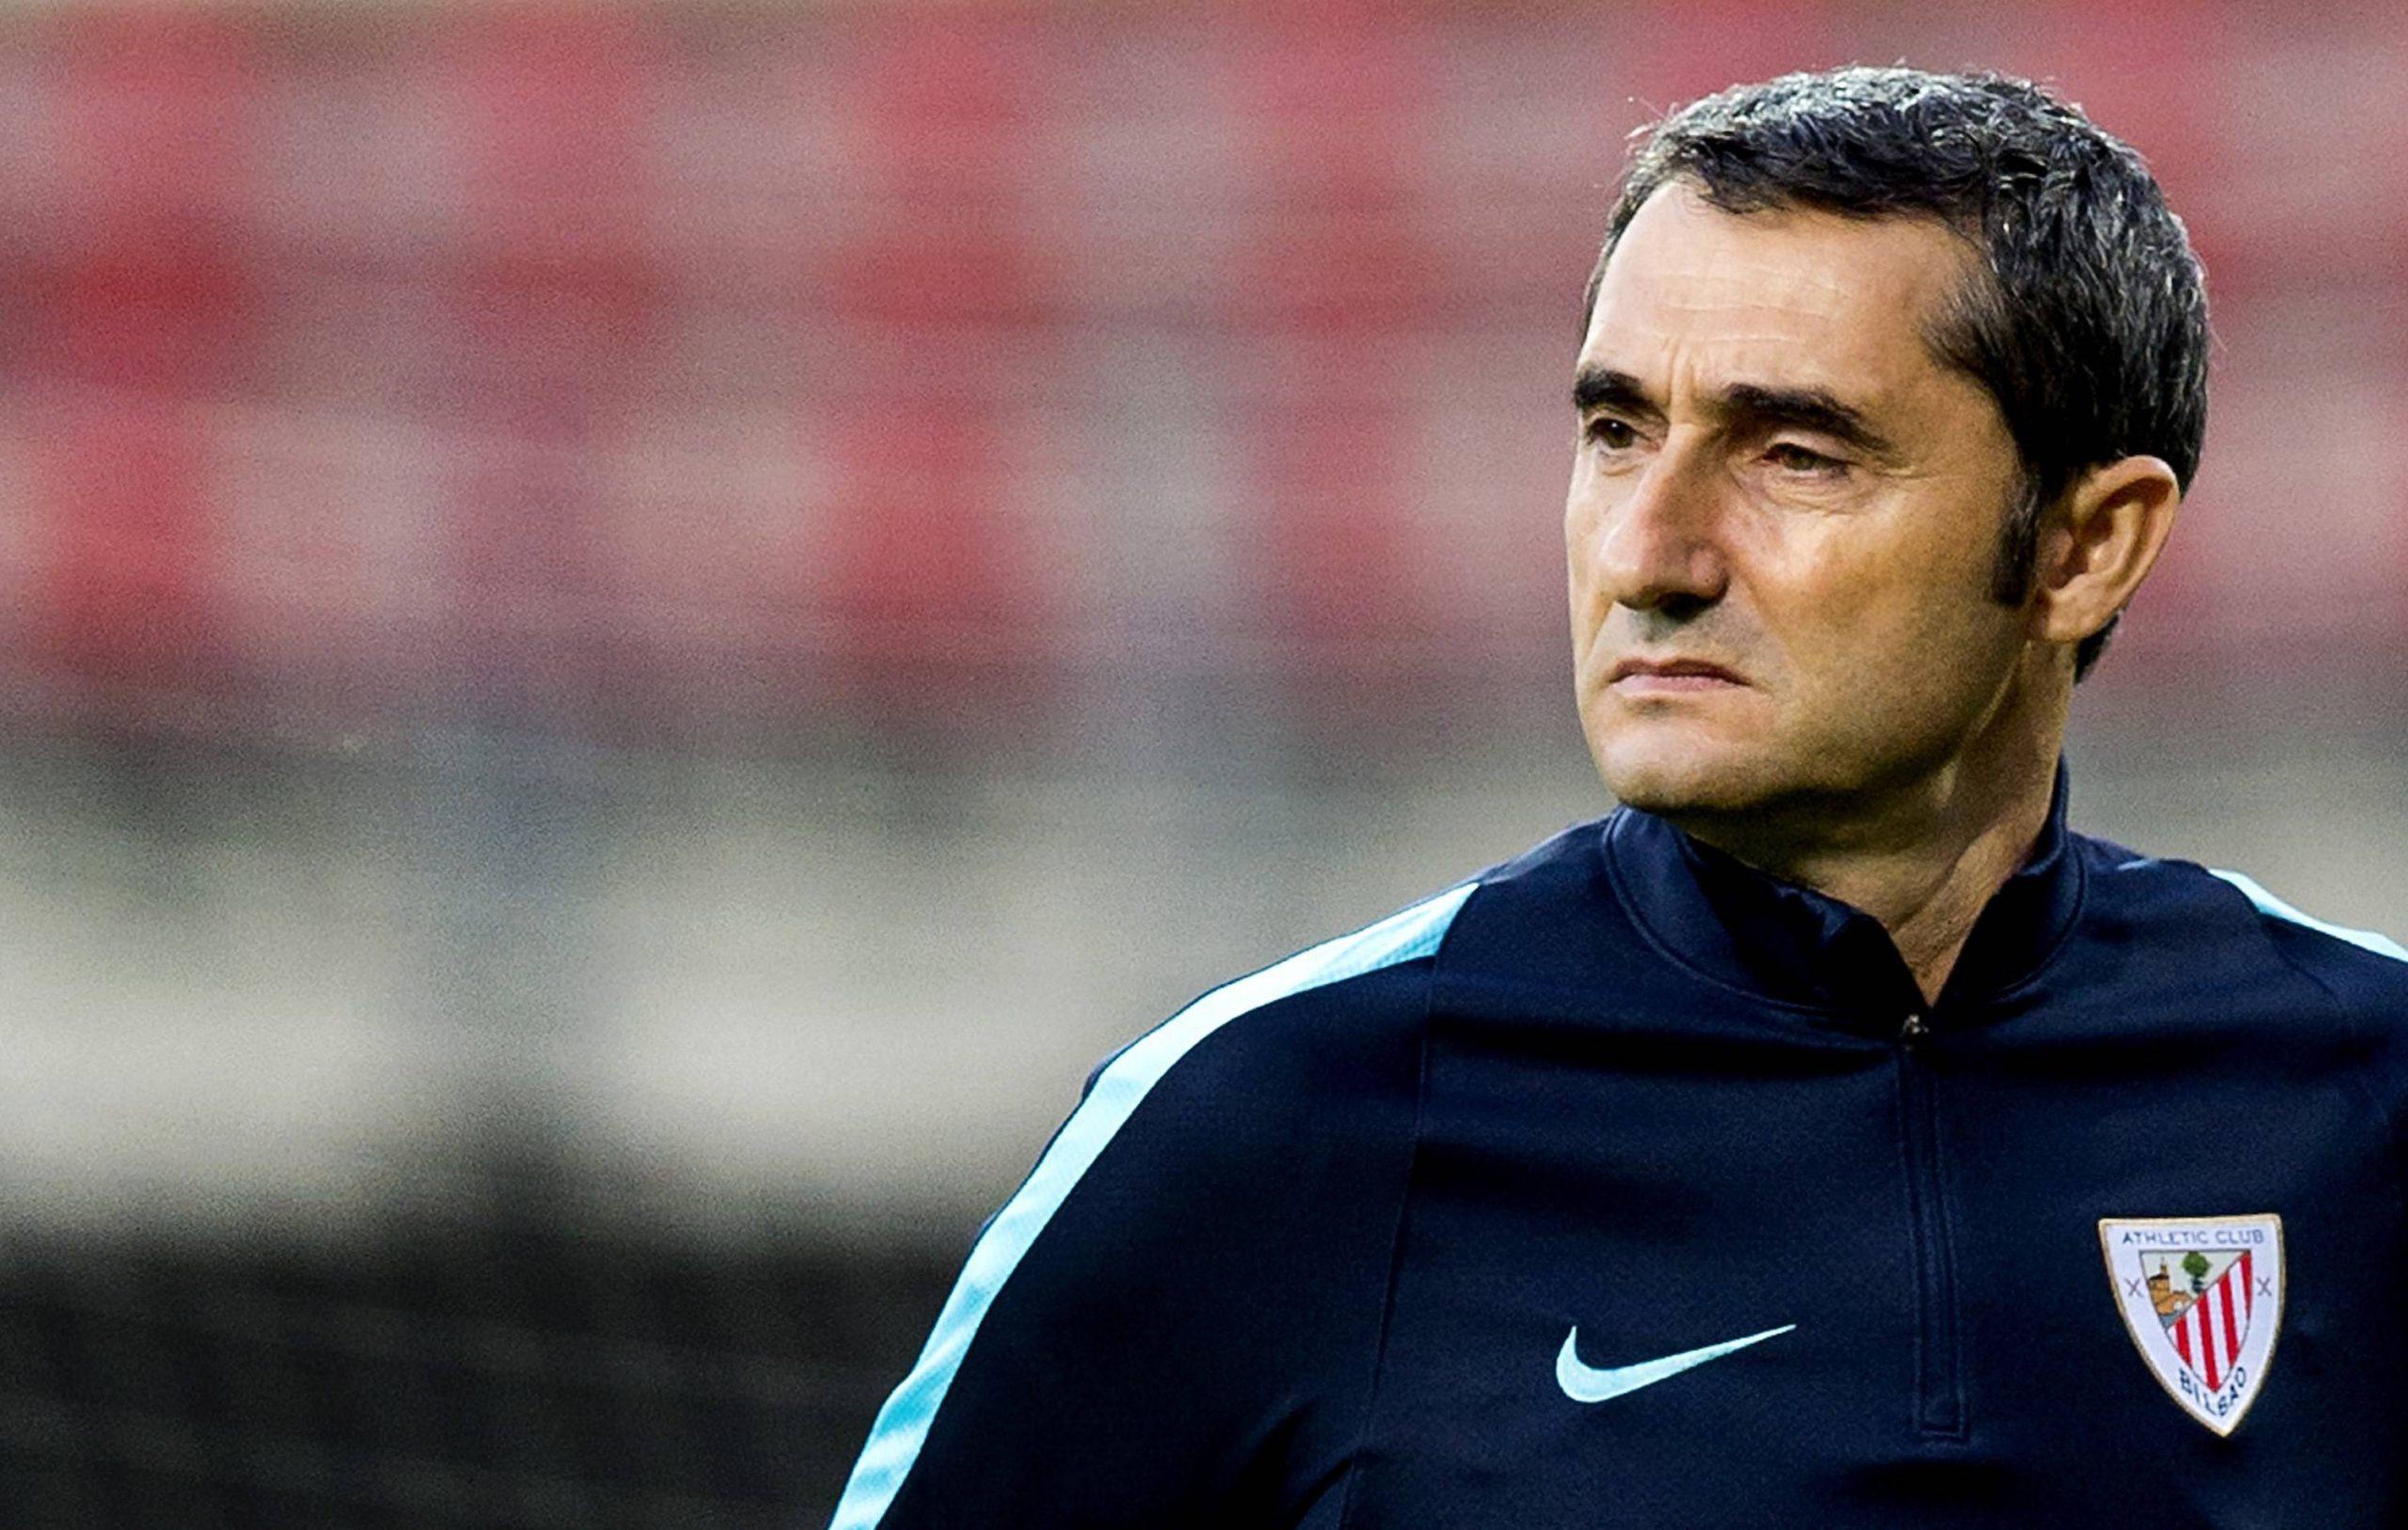 Las claves del regreso de Ernesto Valverde al Athletic Club